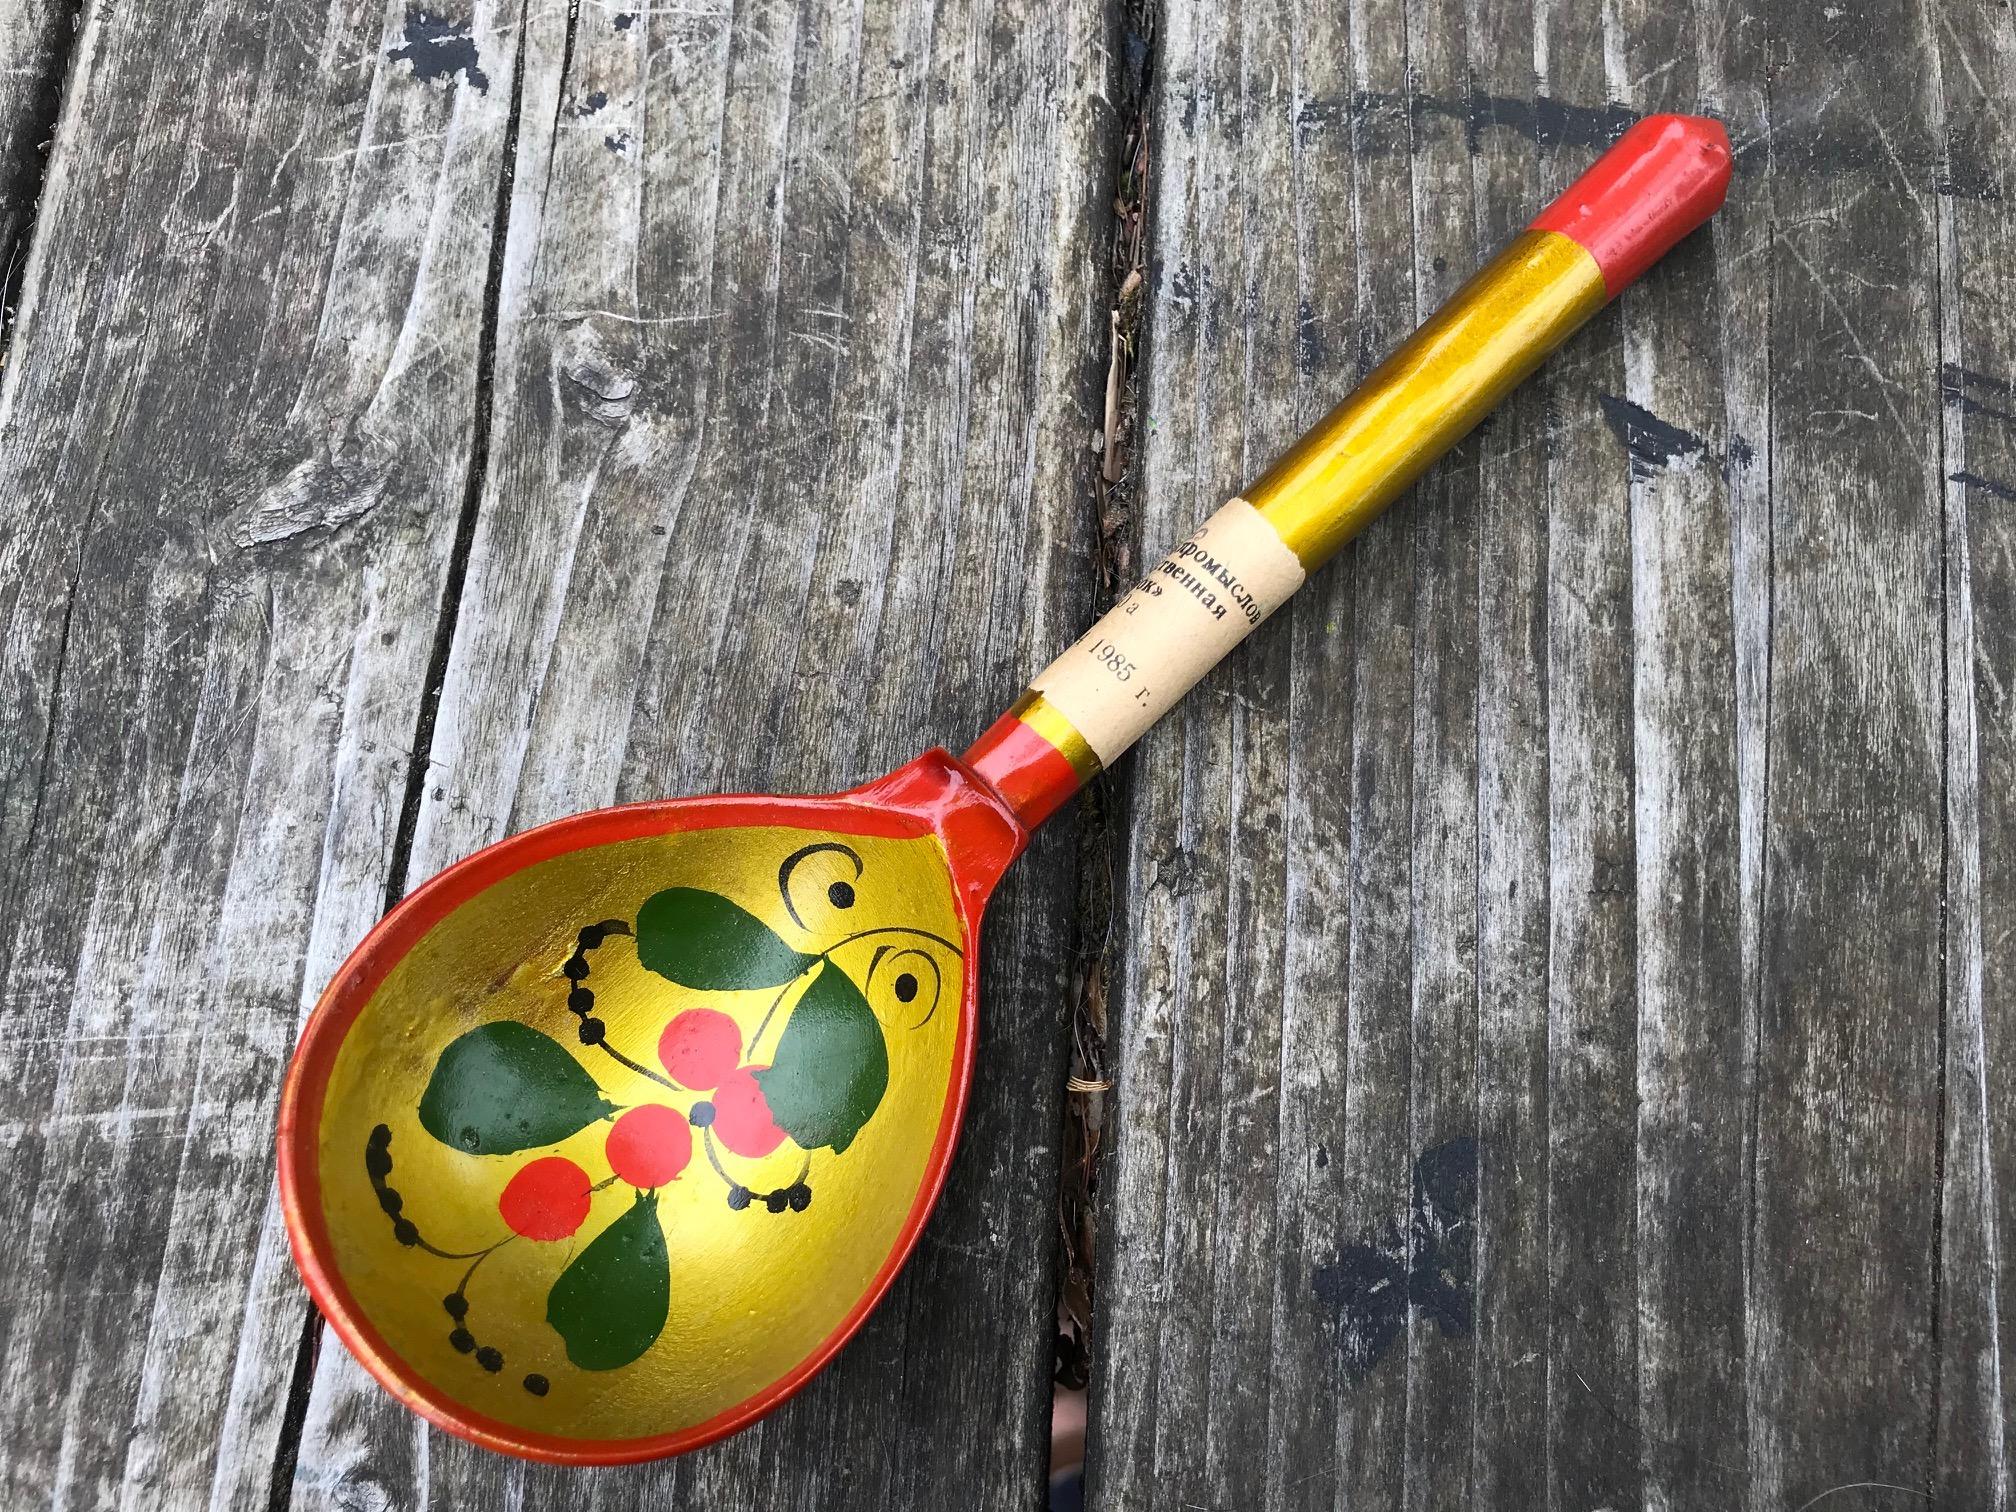 Russian Khokhloma Wooden Decorated Spoon, 1985 Tamara Rubin Lead Safe Mama